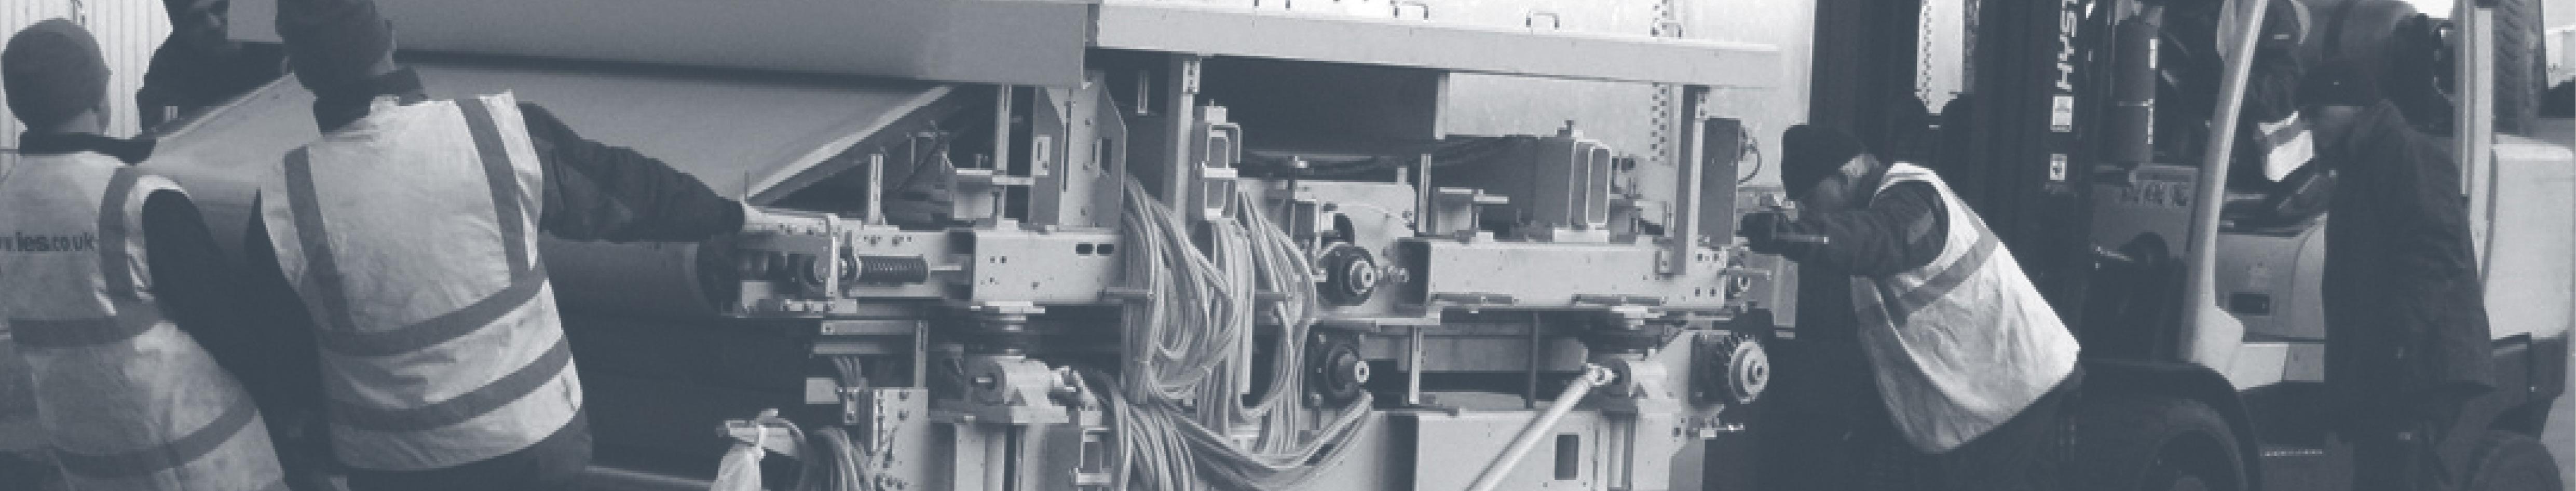 Machinery Movement